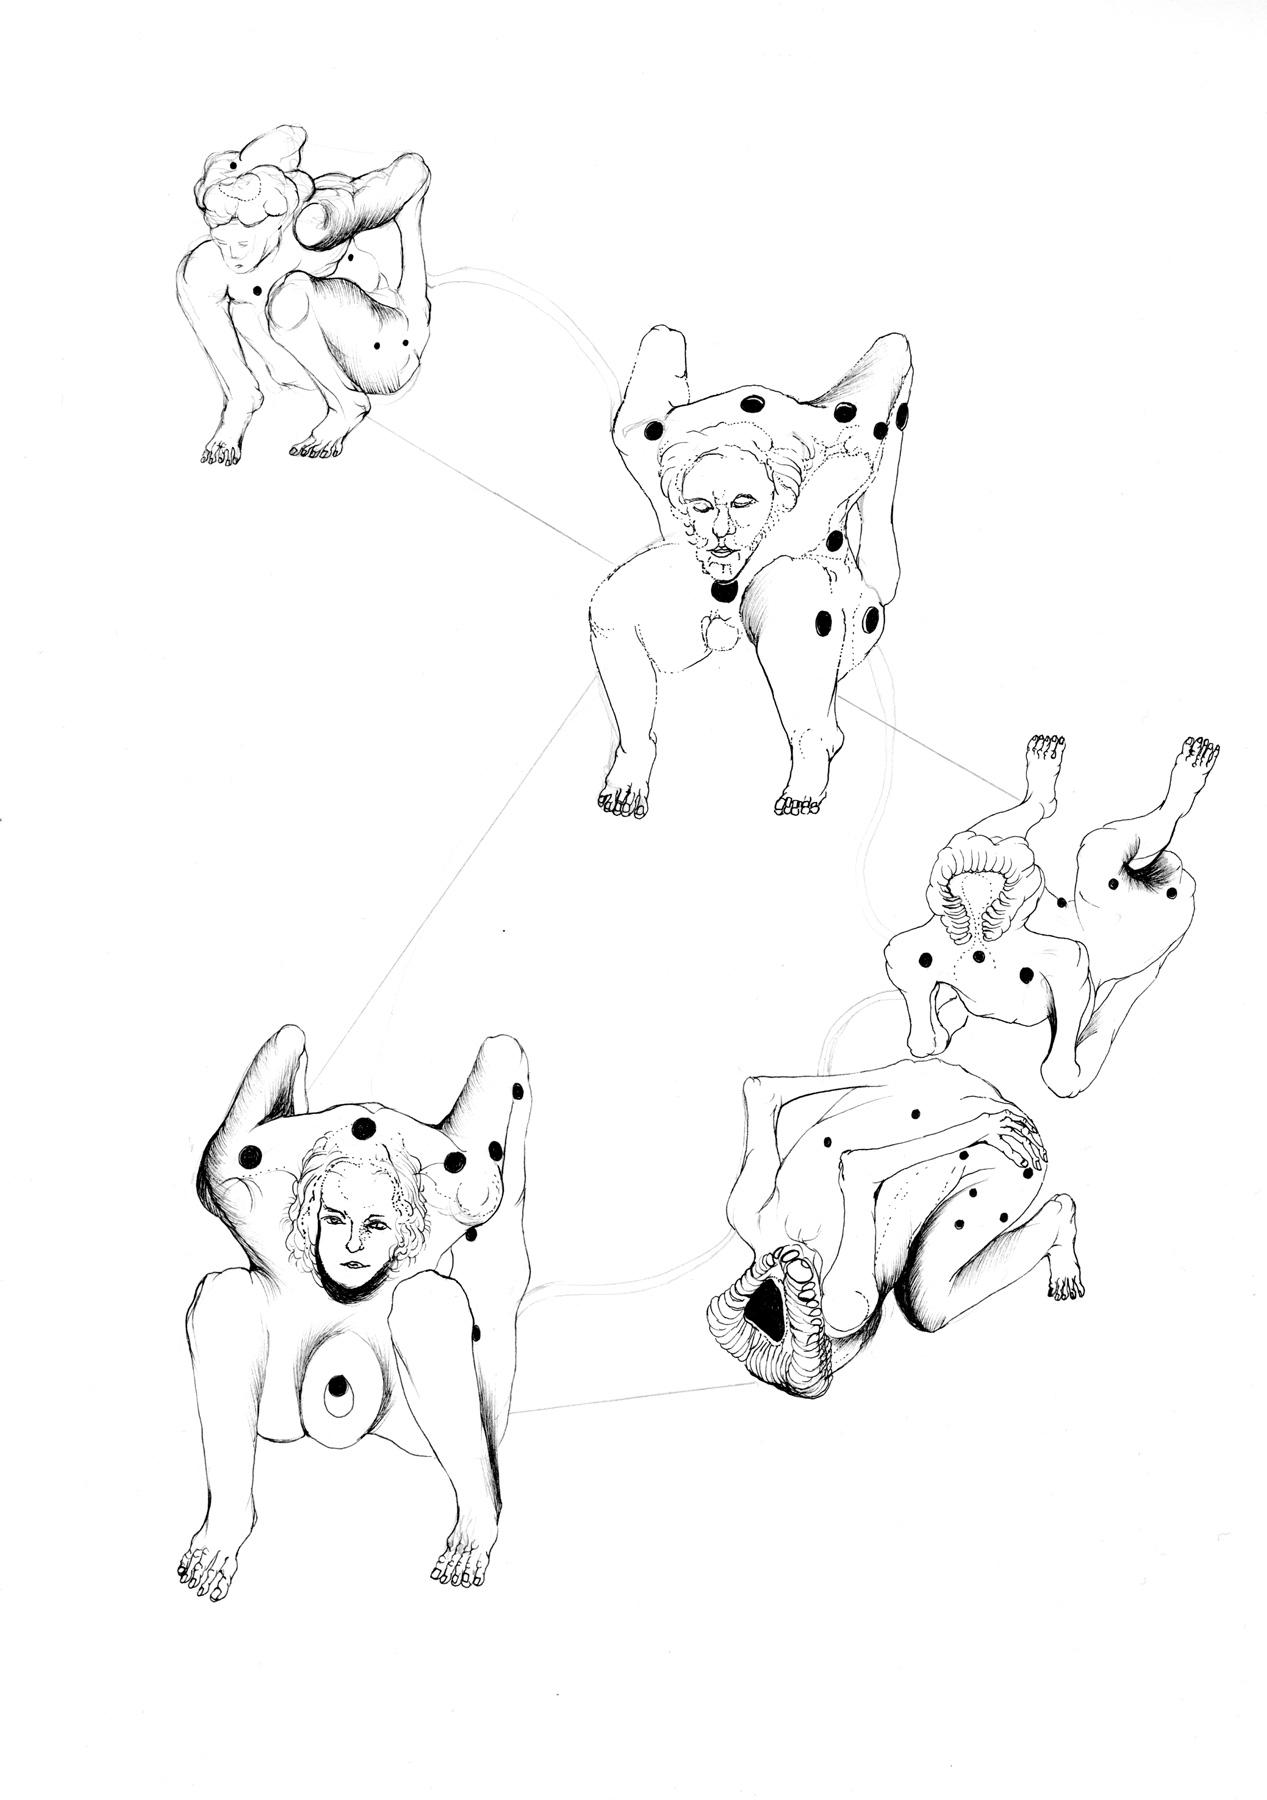 Nina Annabelle Märkl | Tools 4 | Tusche und Bleistift auf Papier | 29,7 x 21 cm | 2016